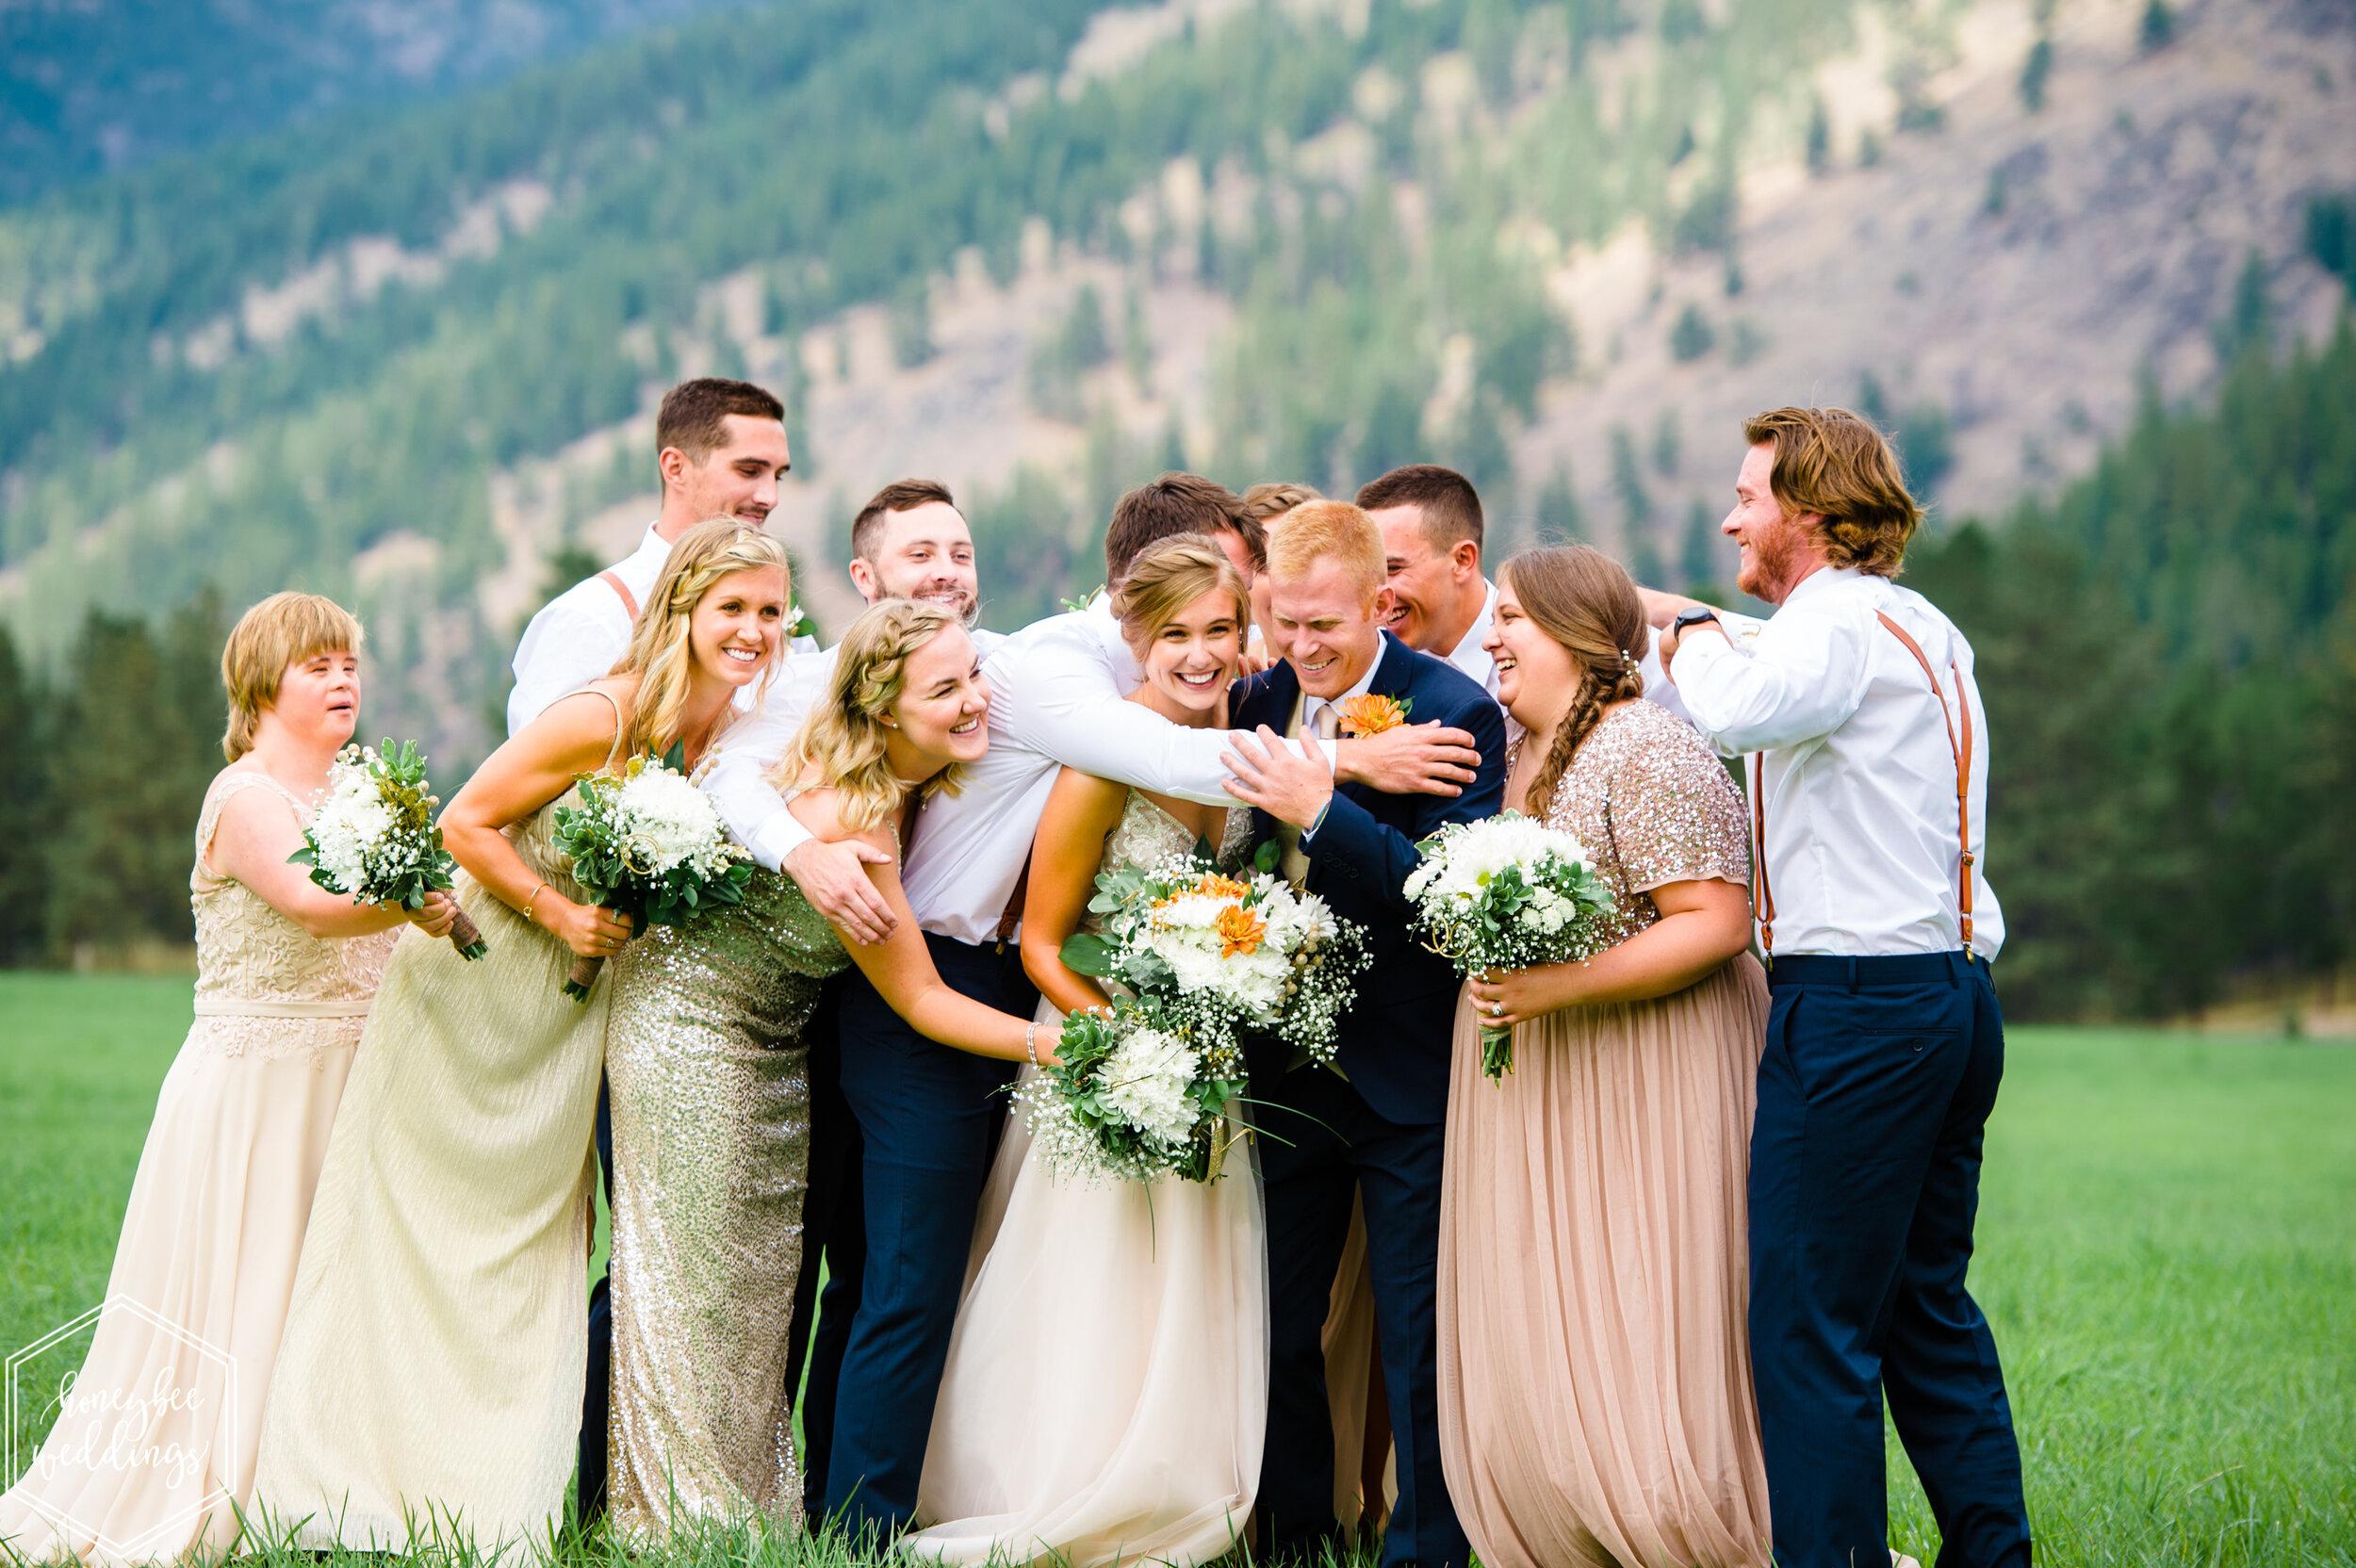 057Seven Mile Meadows Wedding_Montana Wedding Photographer_Jamie & Wes_Honeybee Weddings_September 07, 2019-172.jpg